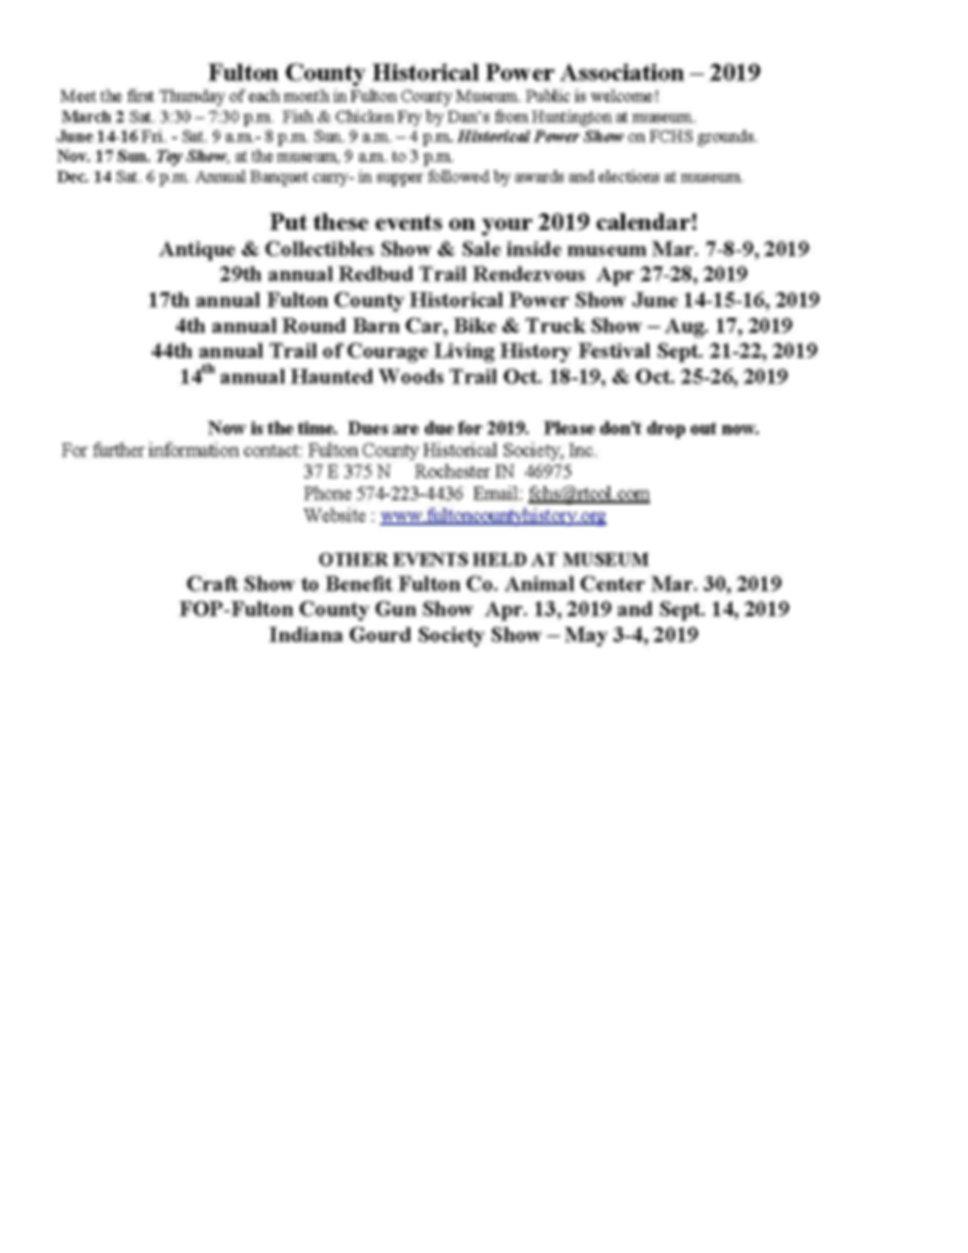 2019 FCHS Events Schedule_Page_2.jpg